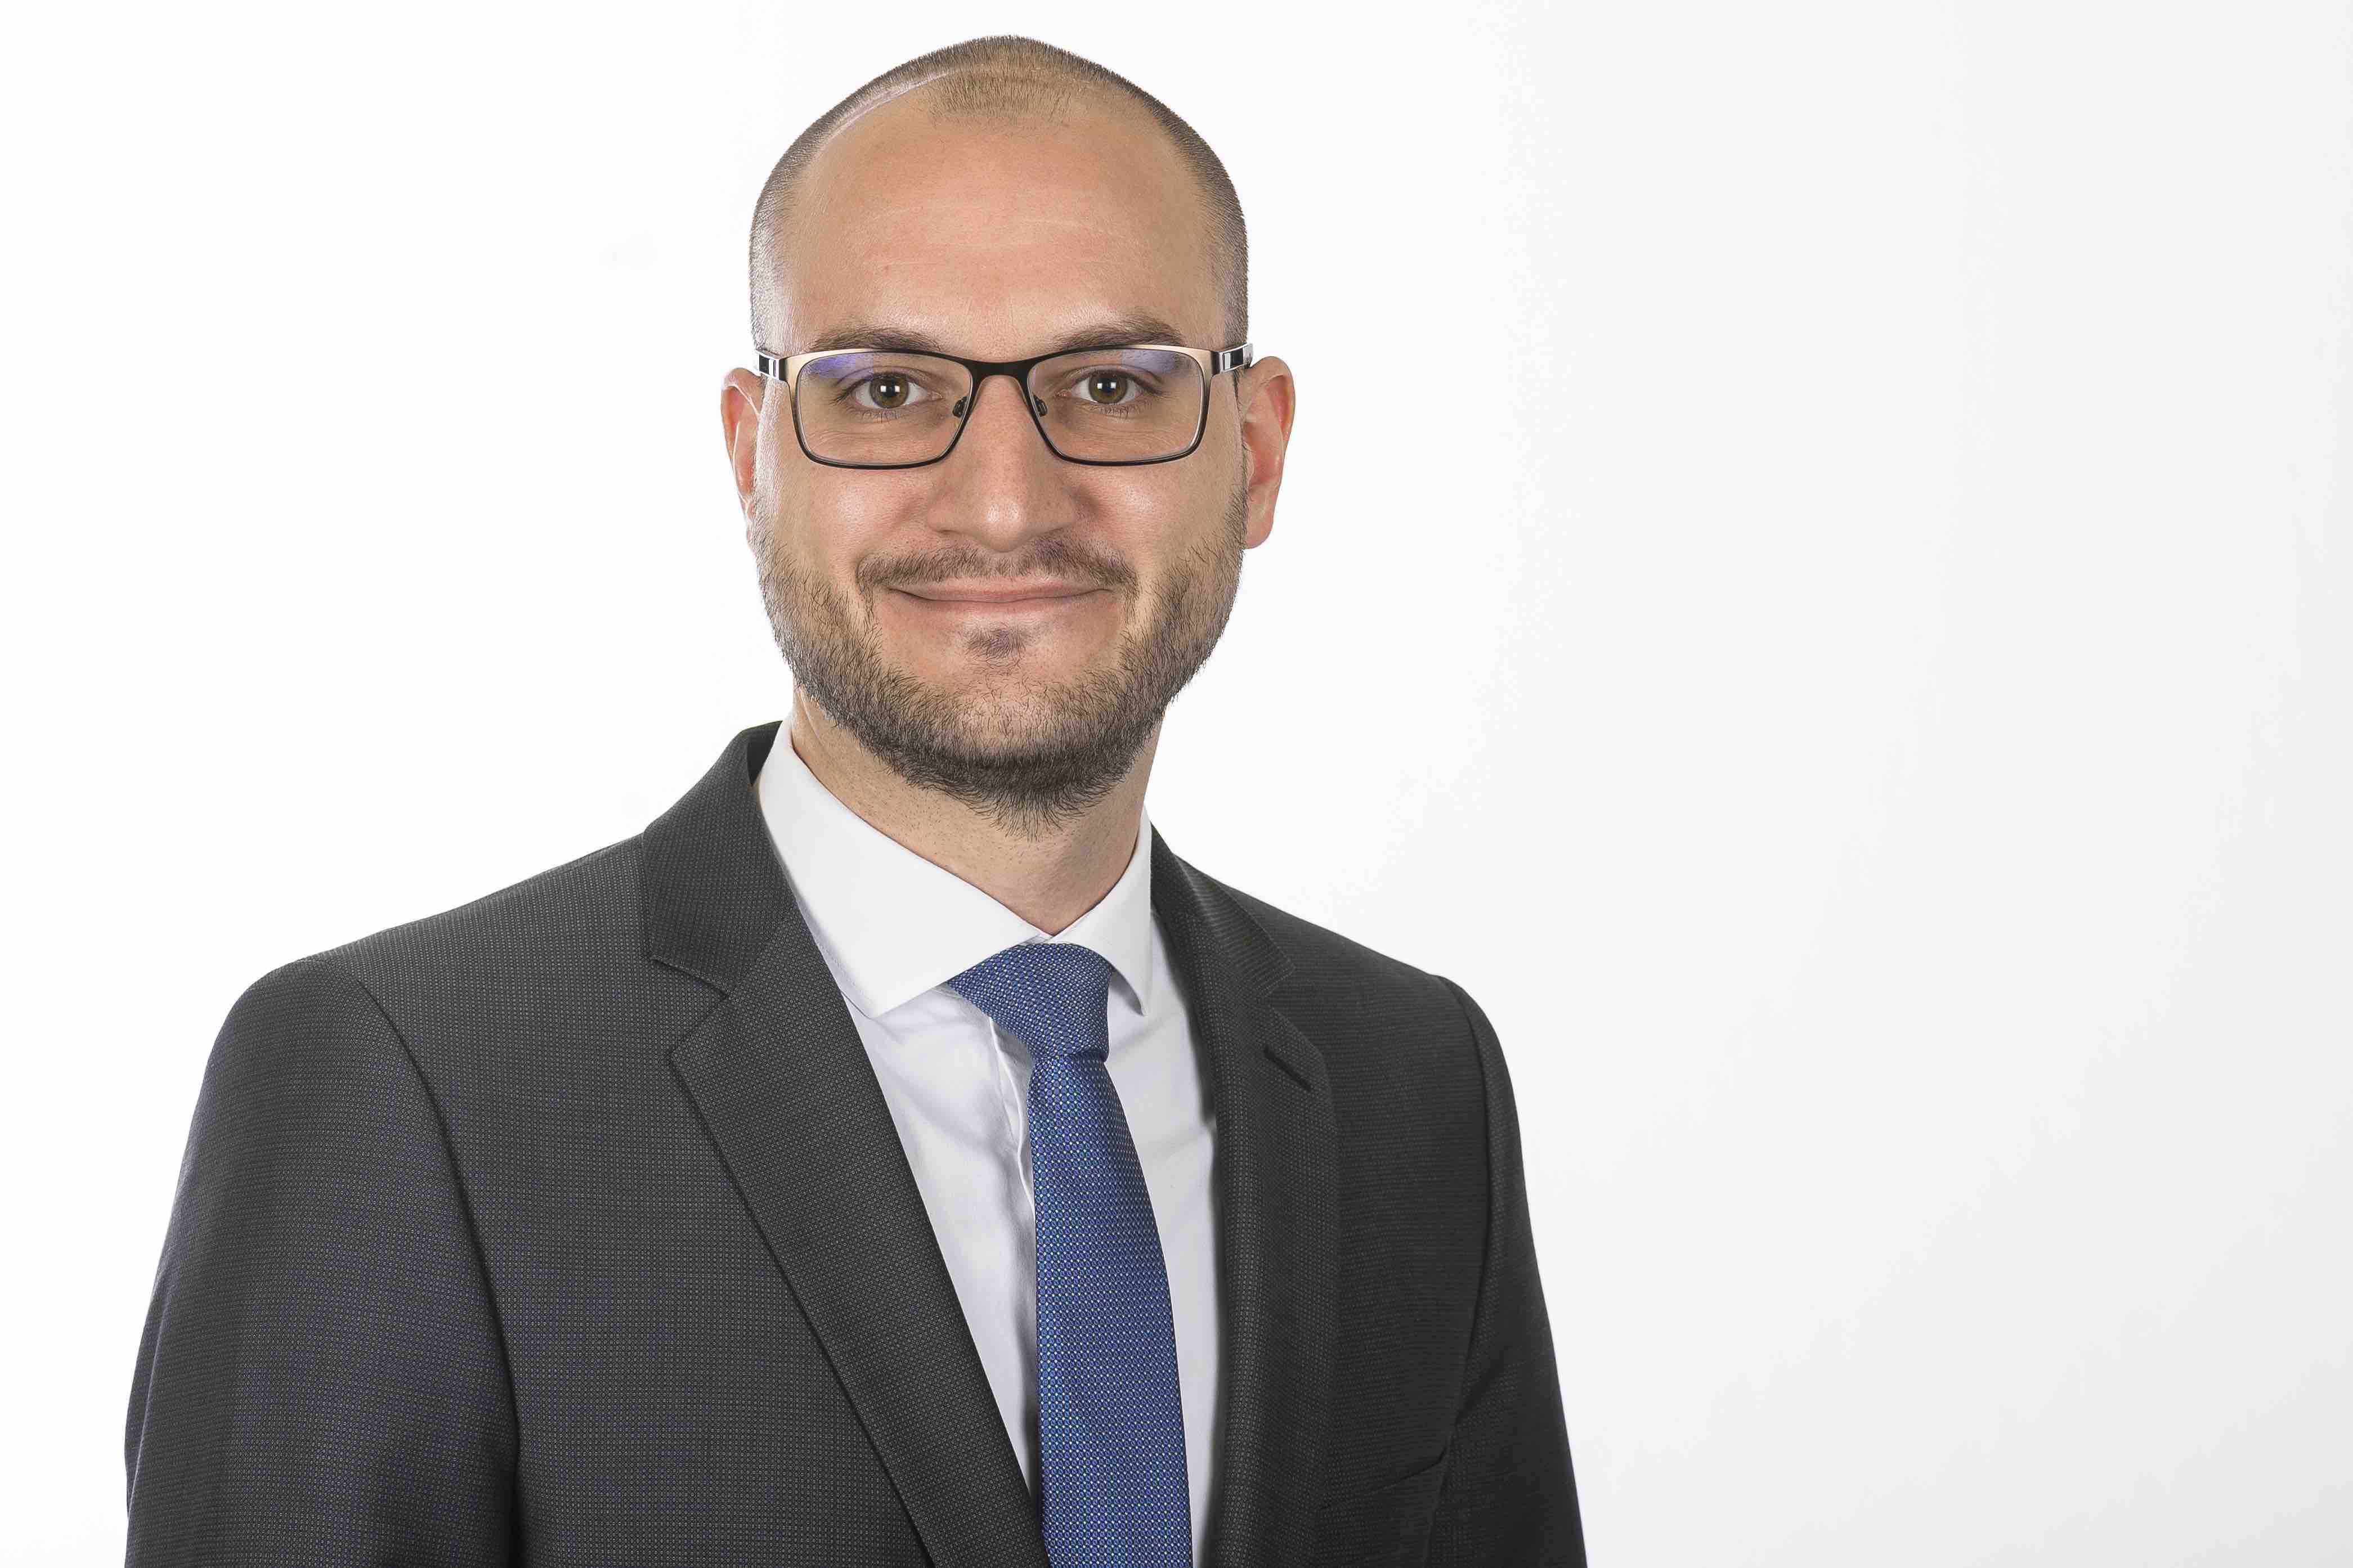 Janosch Neumann ist Rechtsanwalt für Öffentliches Recht bei der Sozietät Heinemann & Partner in Essen.